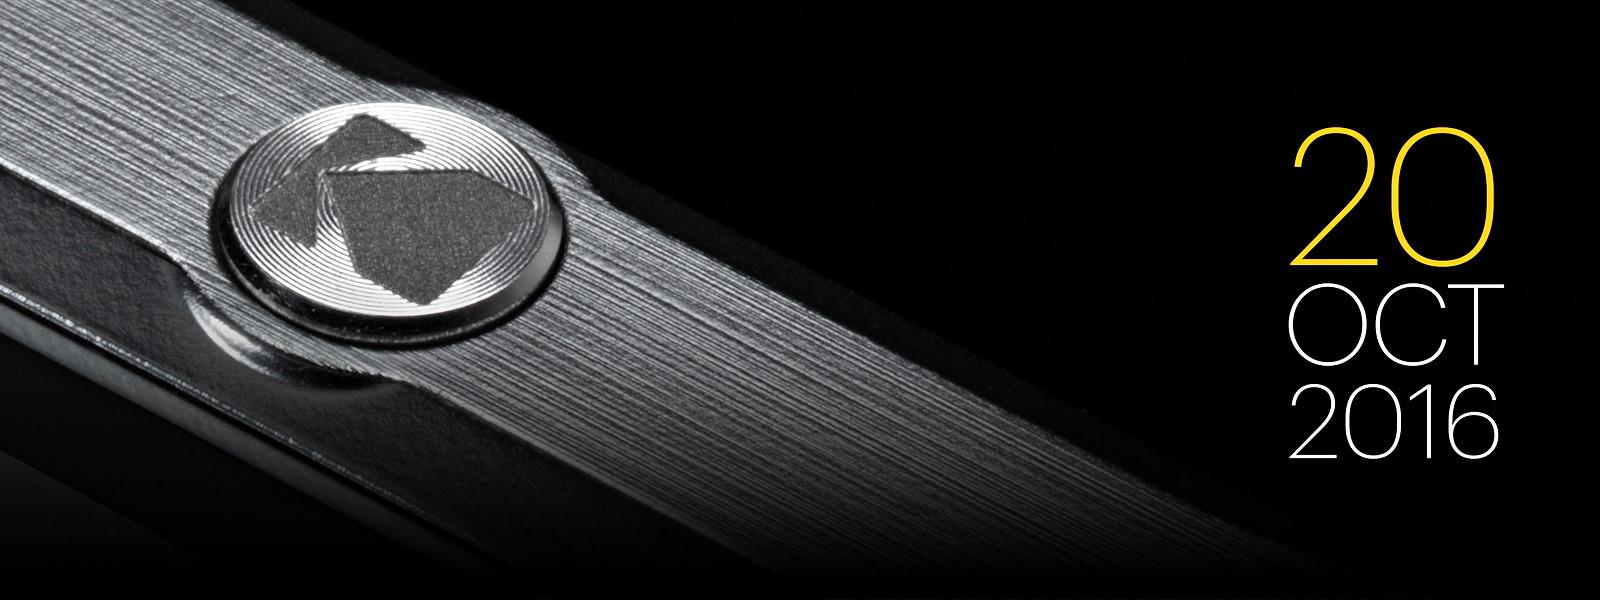 Смартфон Kodak будет представлен 20 октября